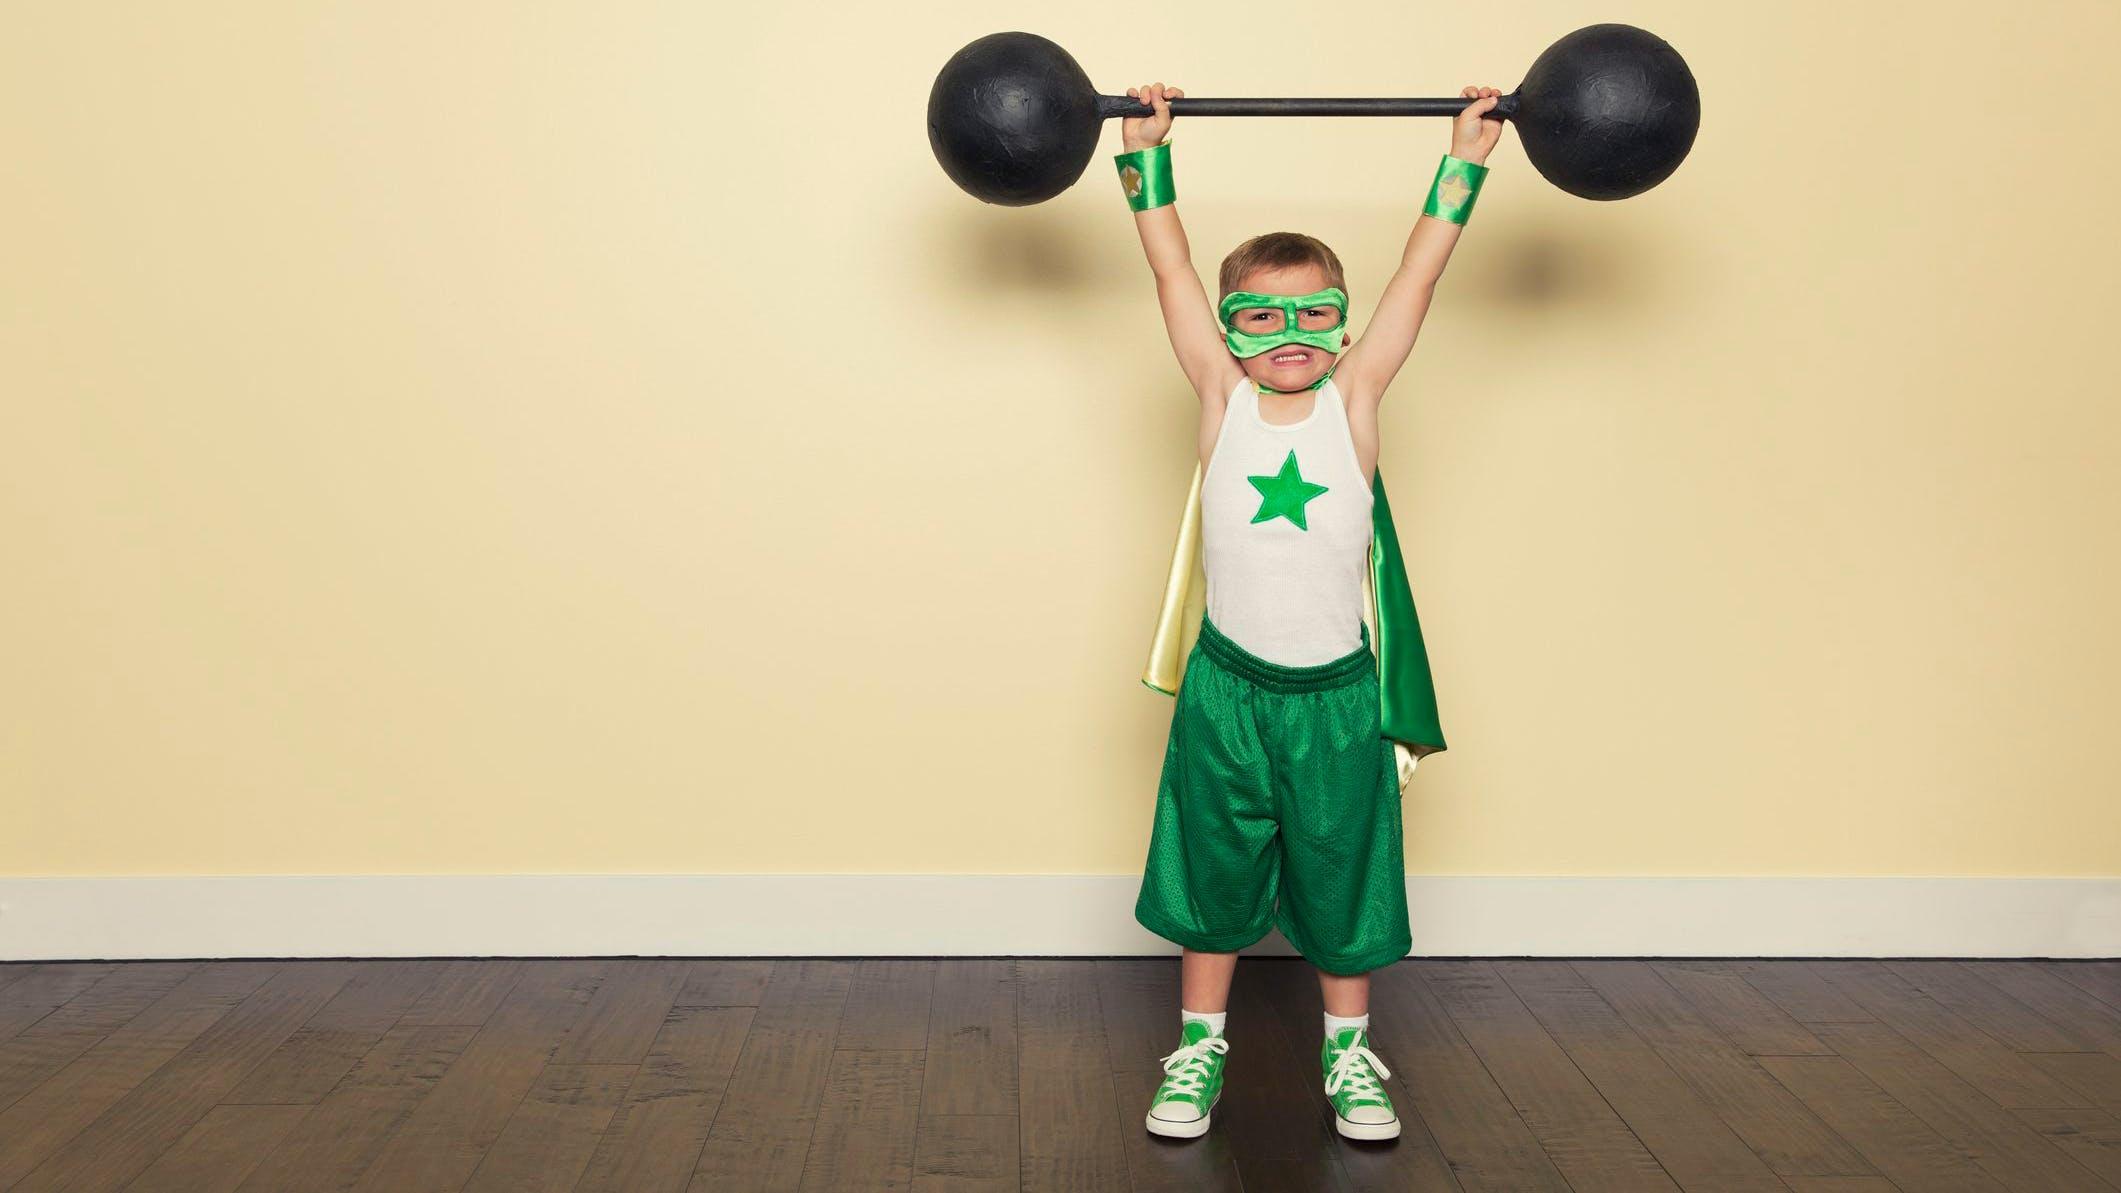 Ayuno y masa muscular